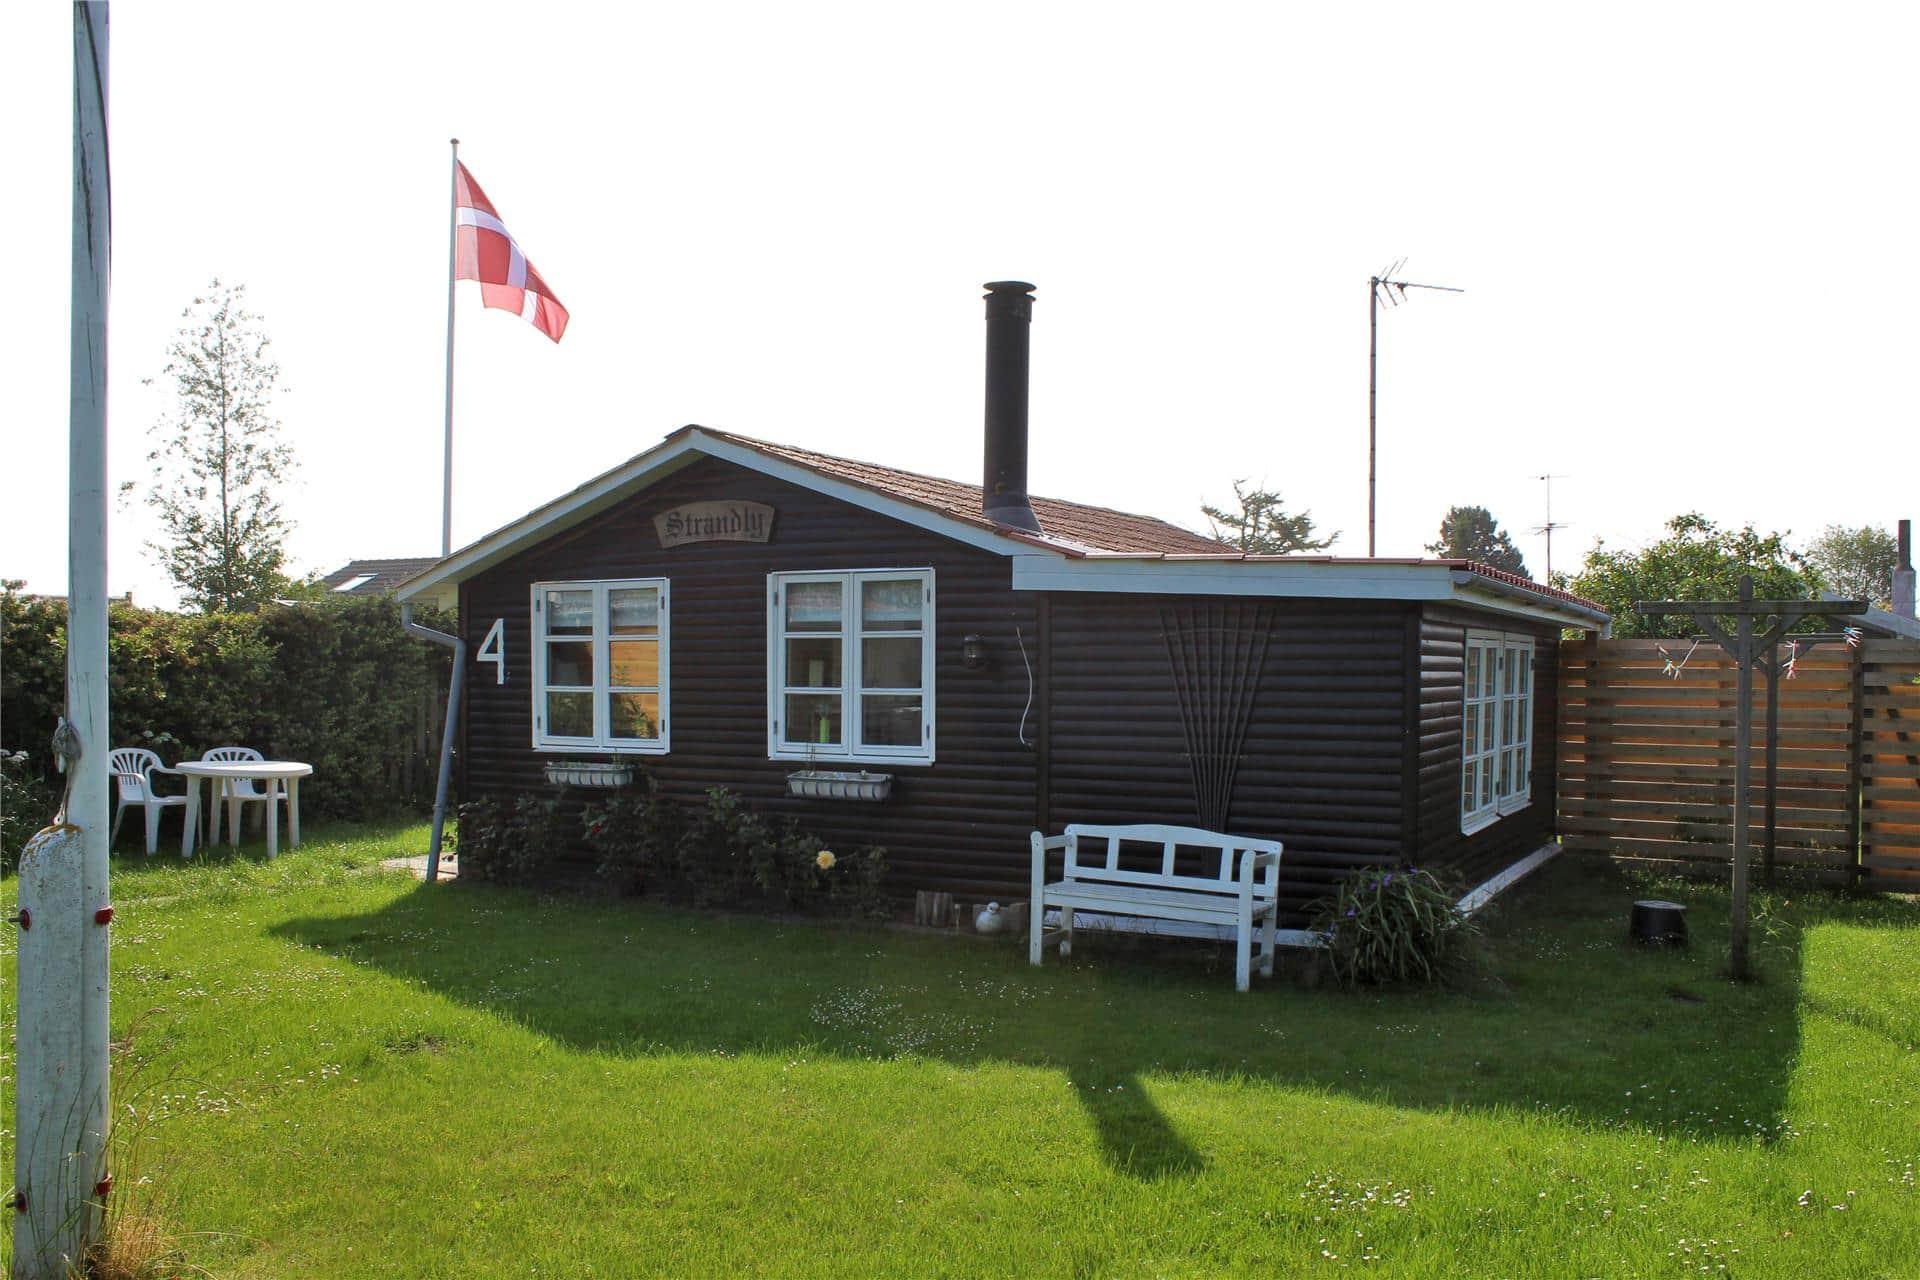 Billede 1-3 Sommerhus M645413, Solskinsvej 4, DK - 5450 Otterup